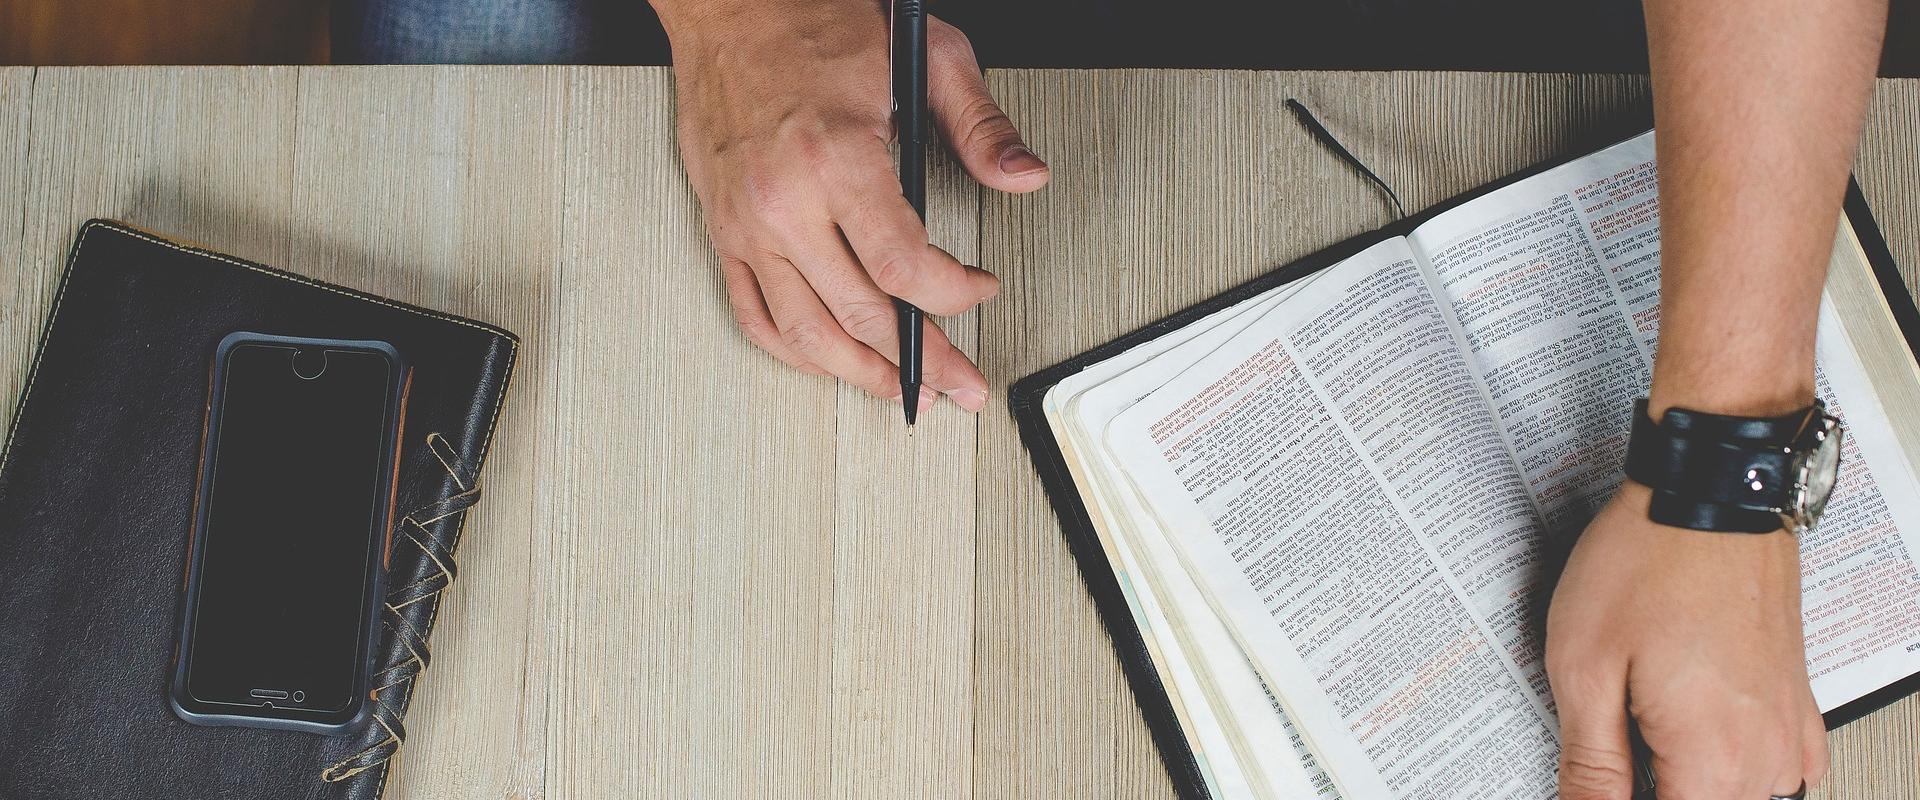 głoszenie ewangelii